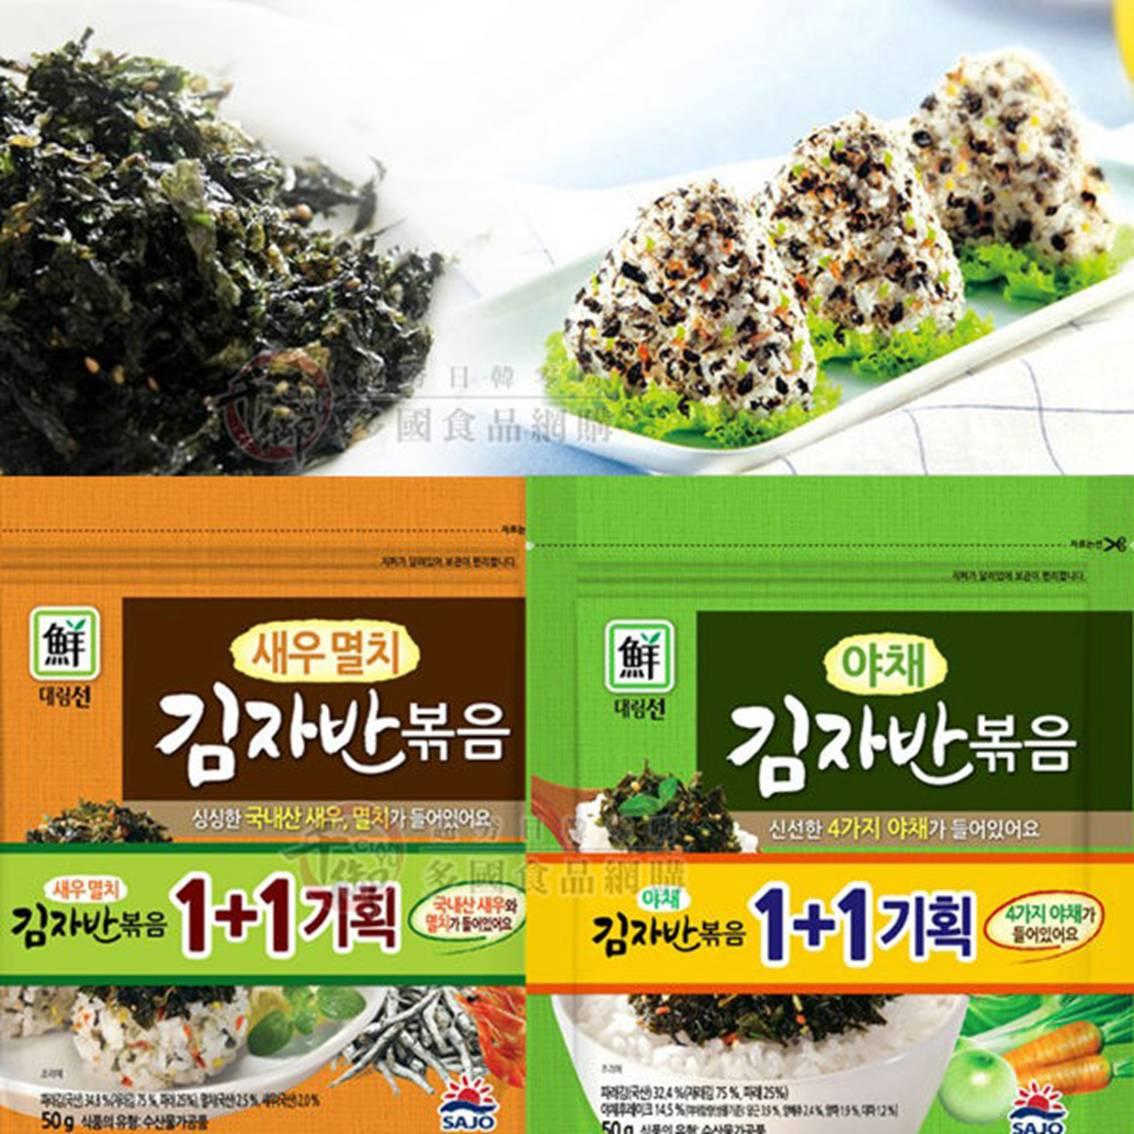 韓國 SAJO思潮海苔酥 50g 蝦仁鯷魚 (現貨)   2入組 樂活生活館